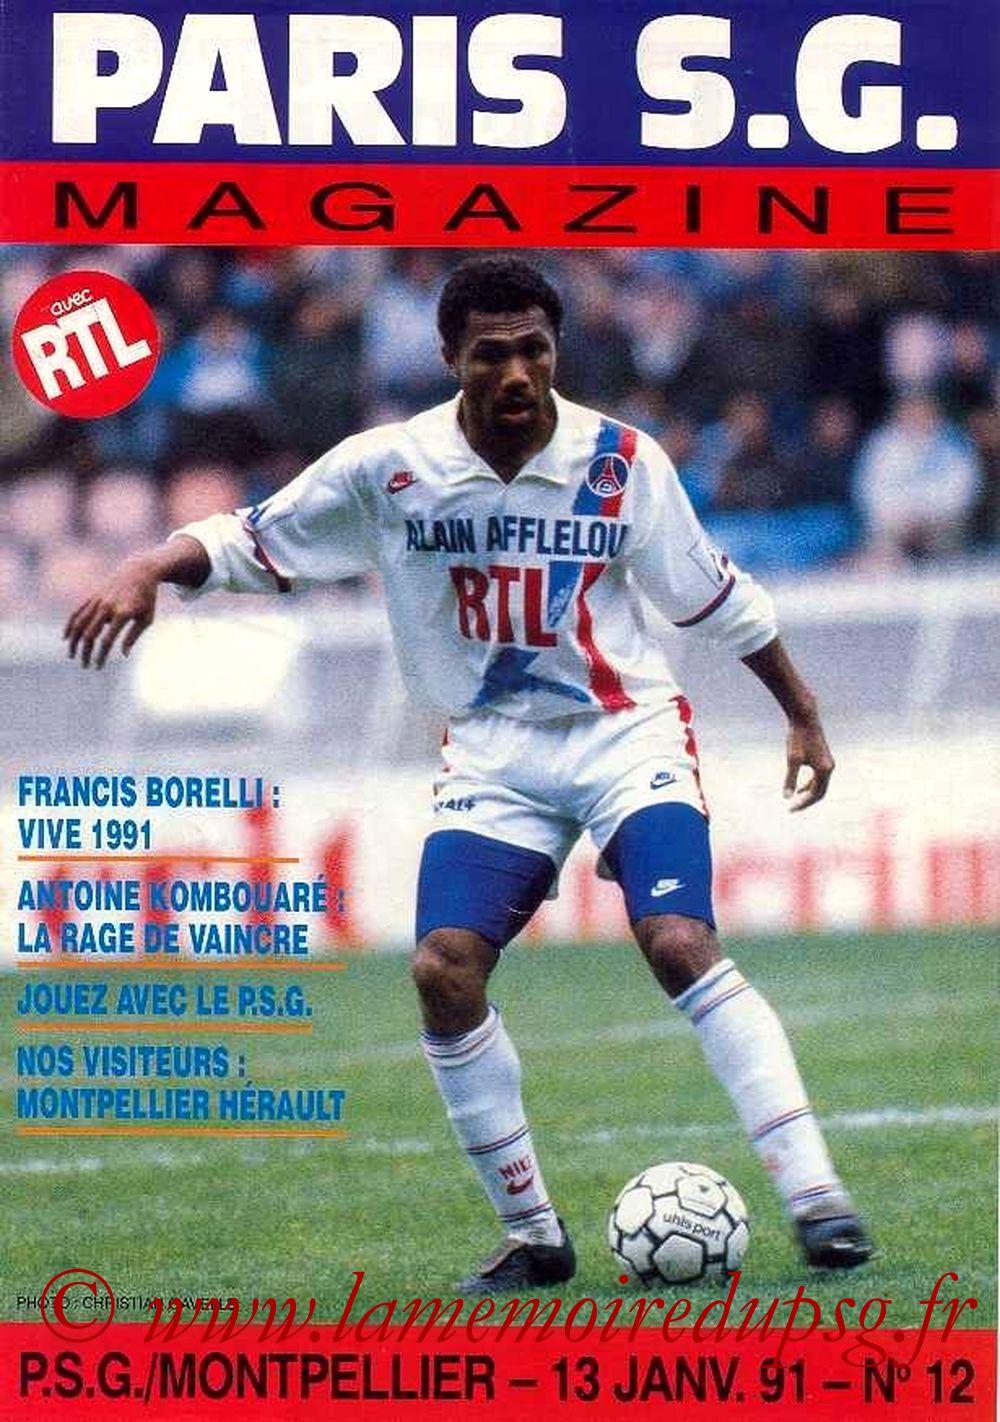 1991-01-13  PSG-Montpellier (22ème D1, Paris SG Magazine N°12)